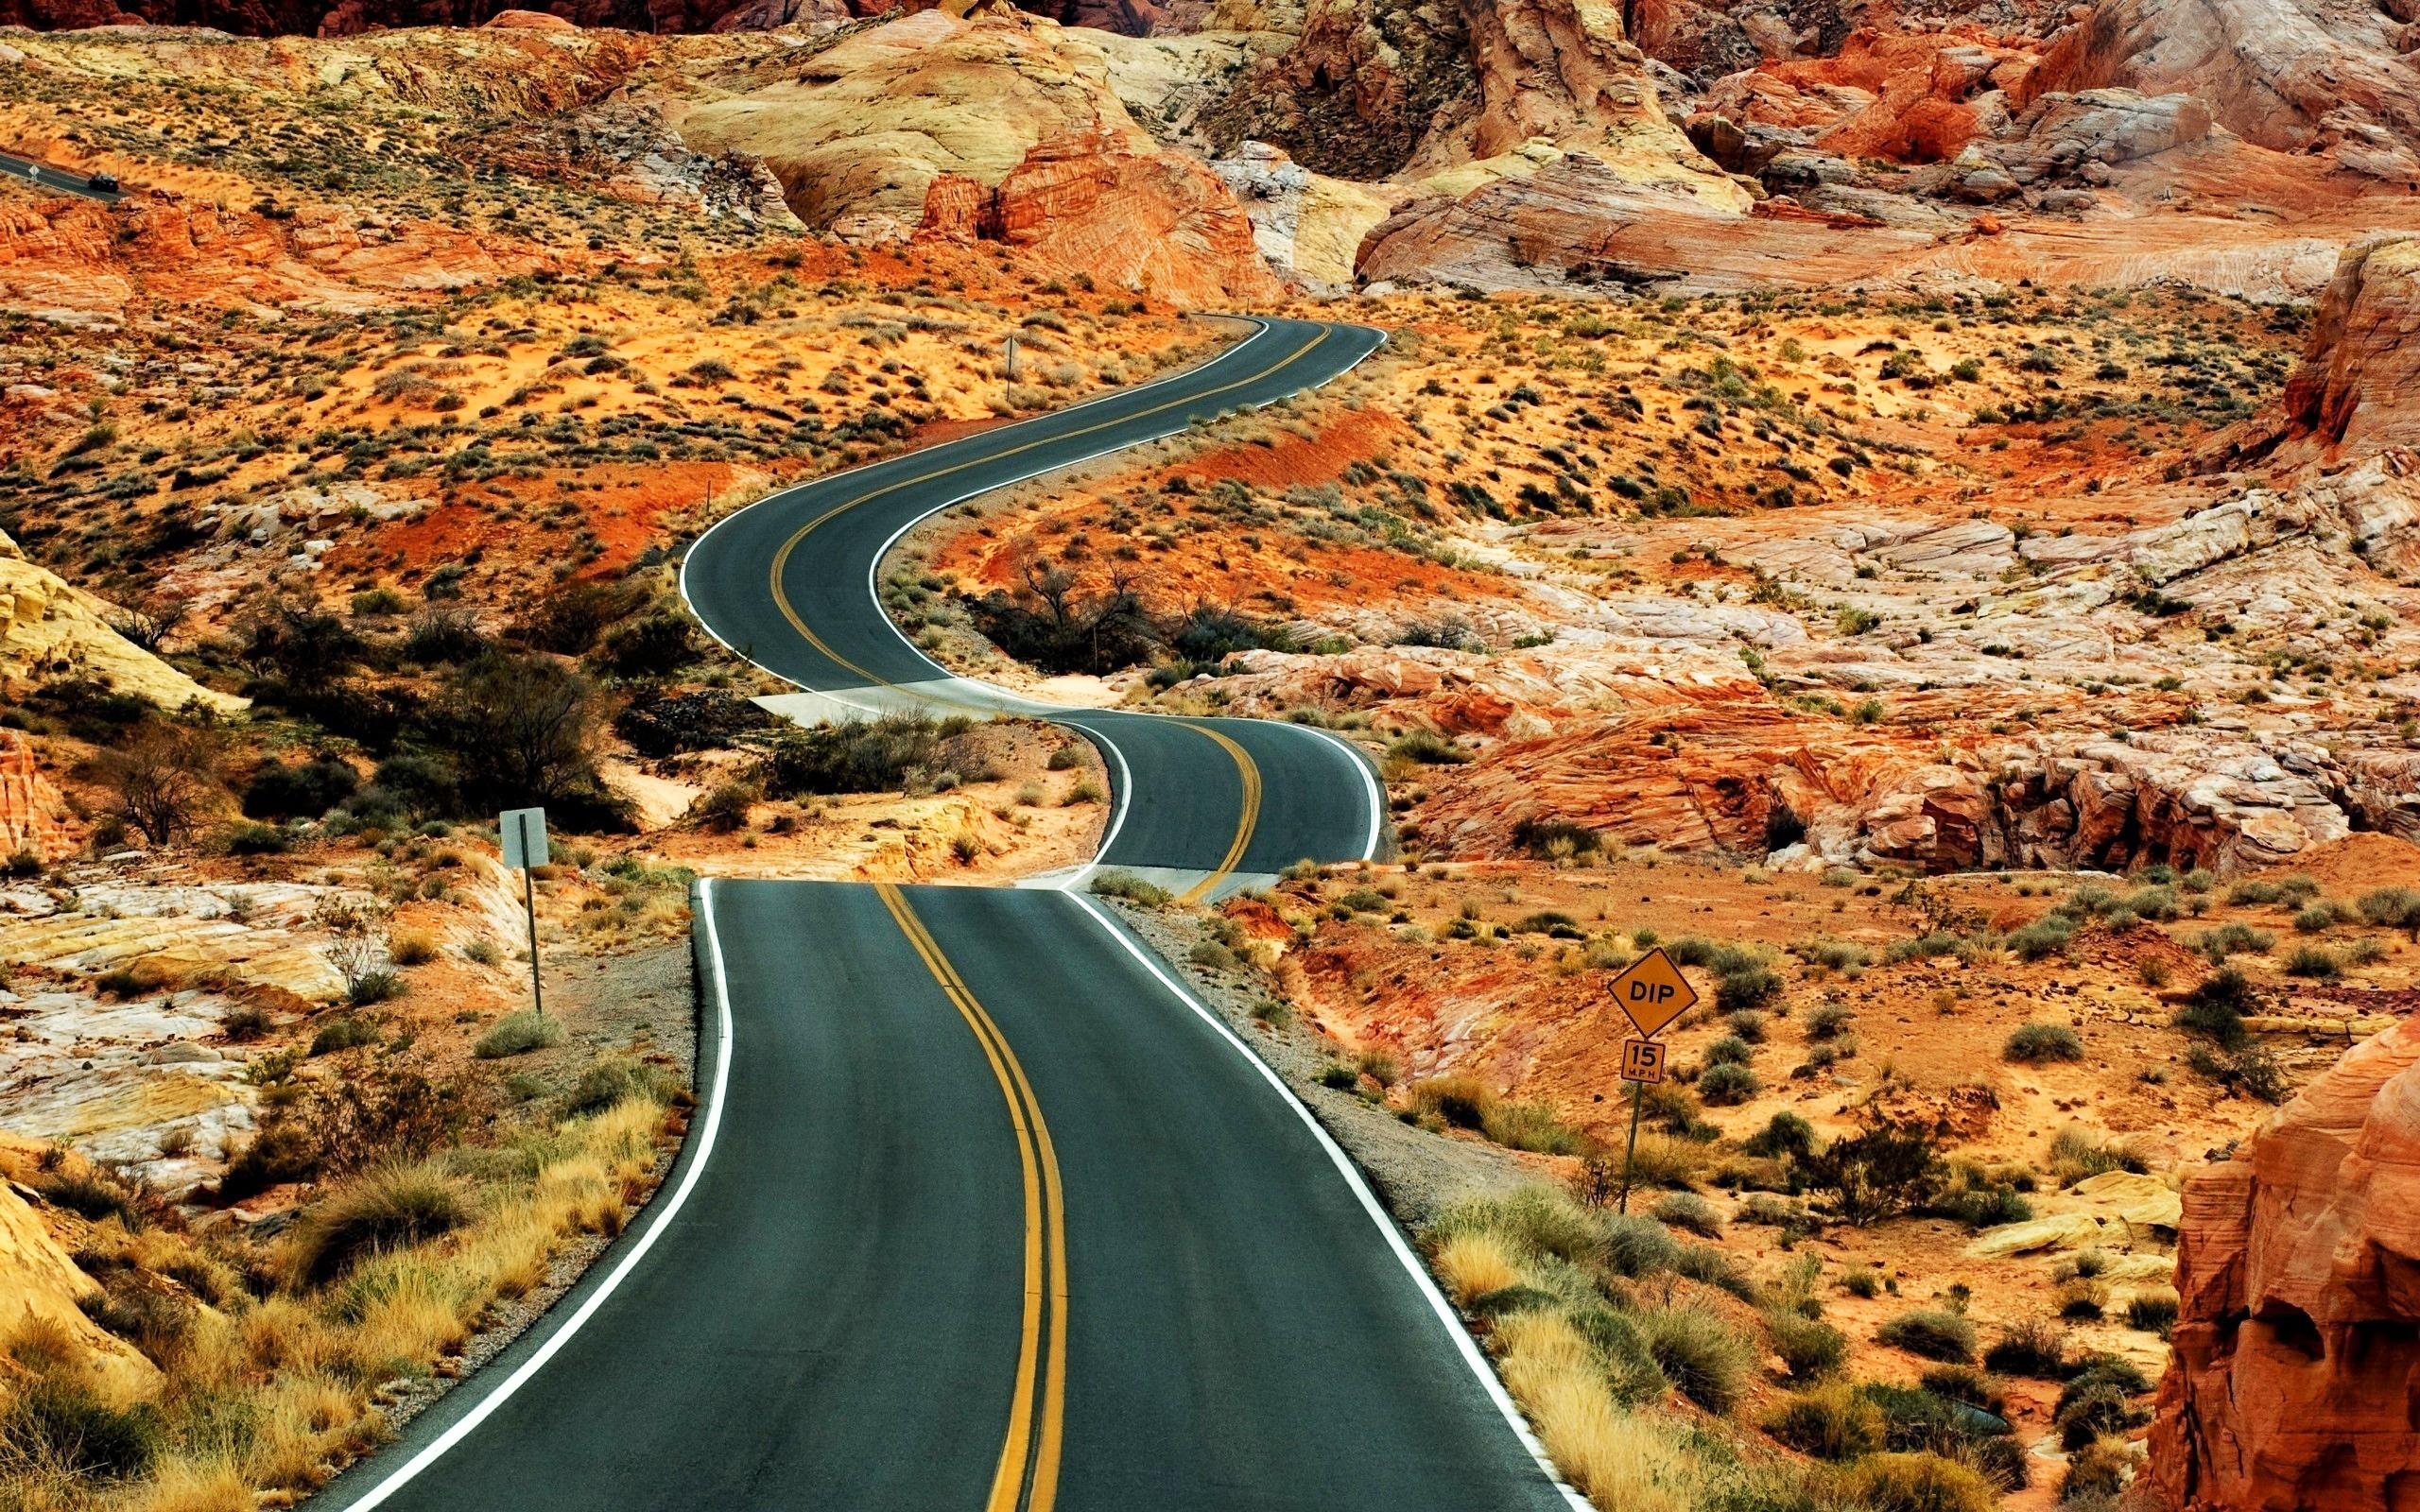 the-road-2560x1600-wallpaper-7005